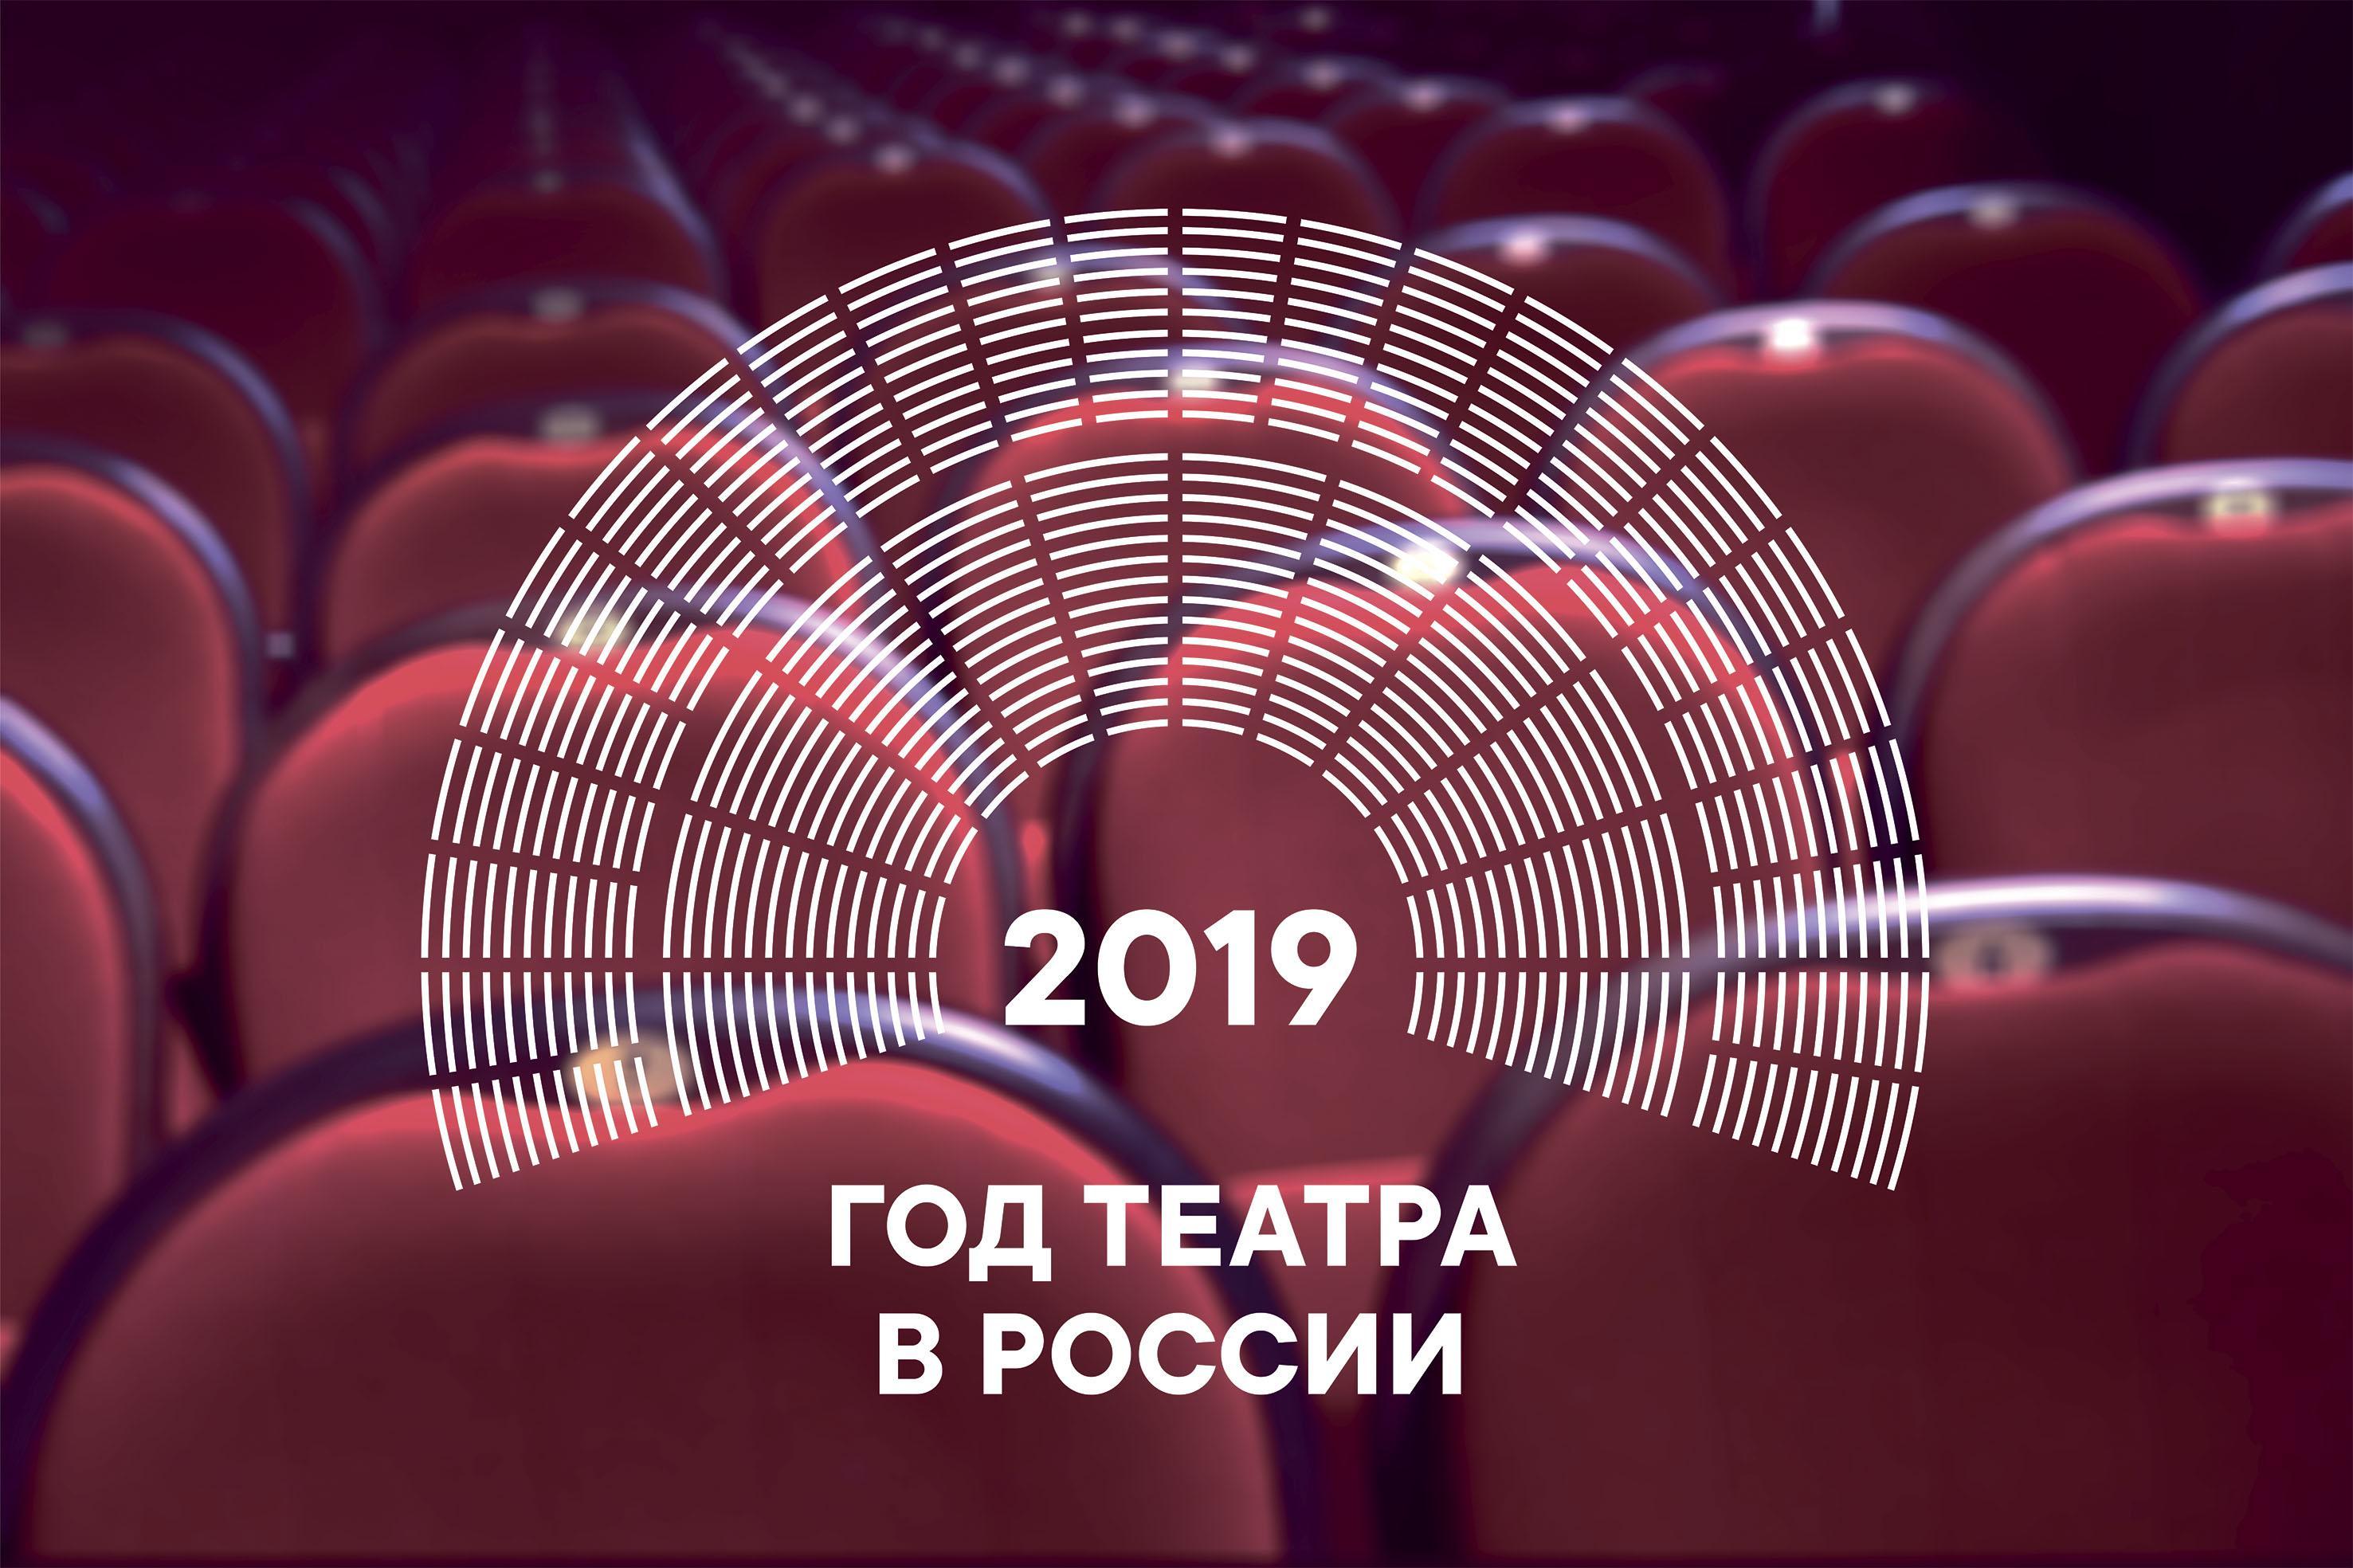 -Год-театра-3-х-2-м-1й-шт.